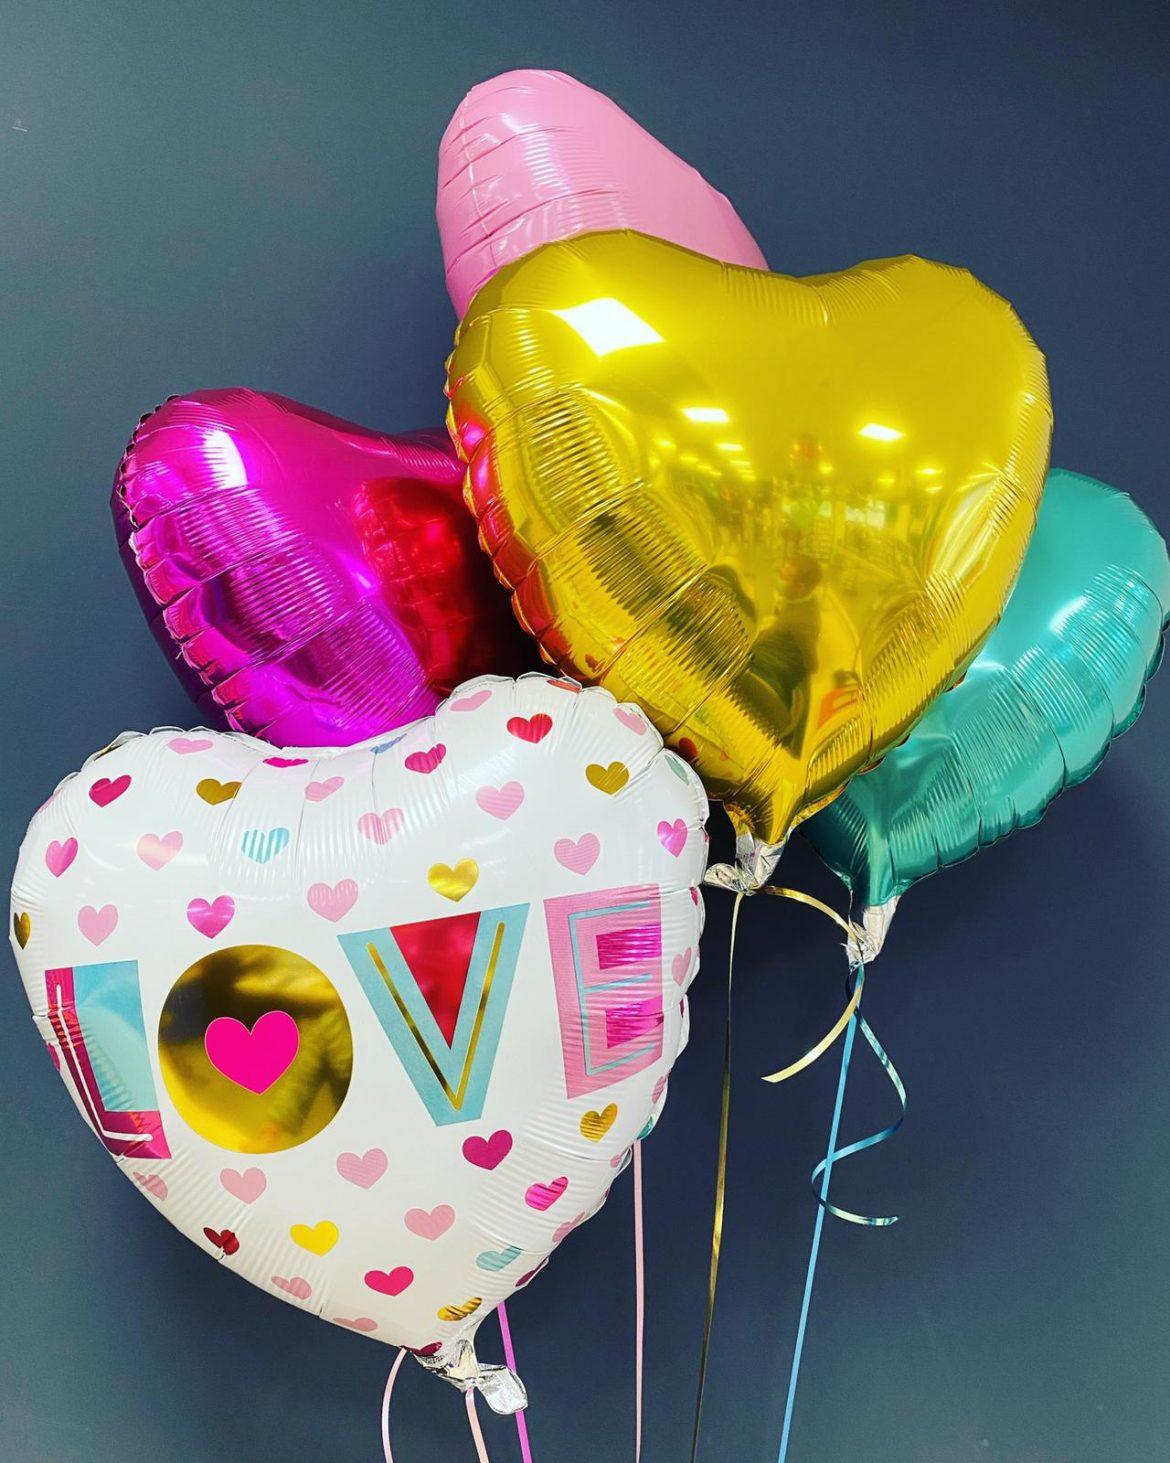 Ballon LOVE € 5,50<br> Dekoballons € 4,50 1